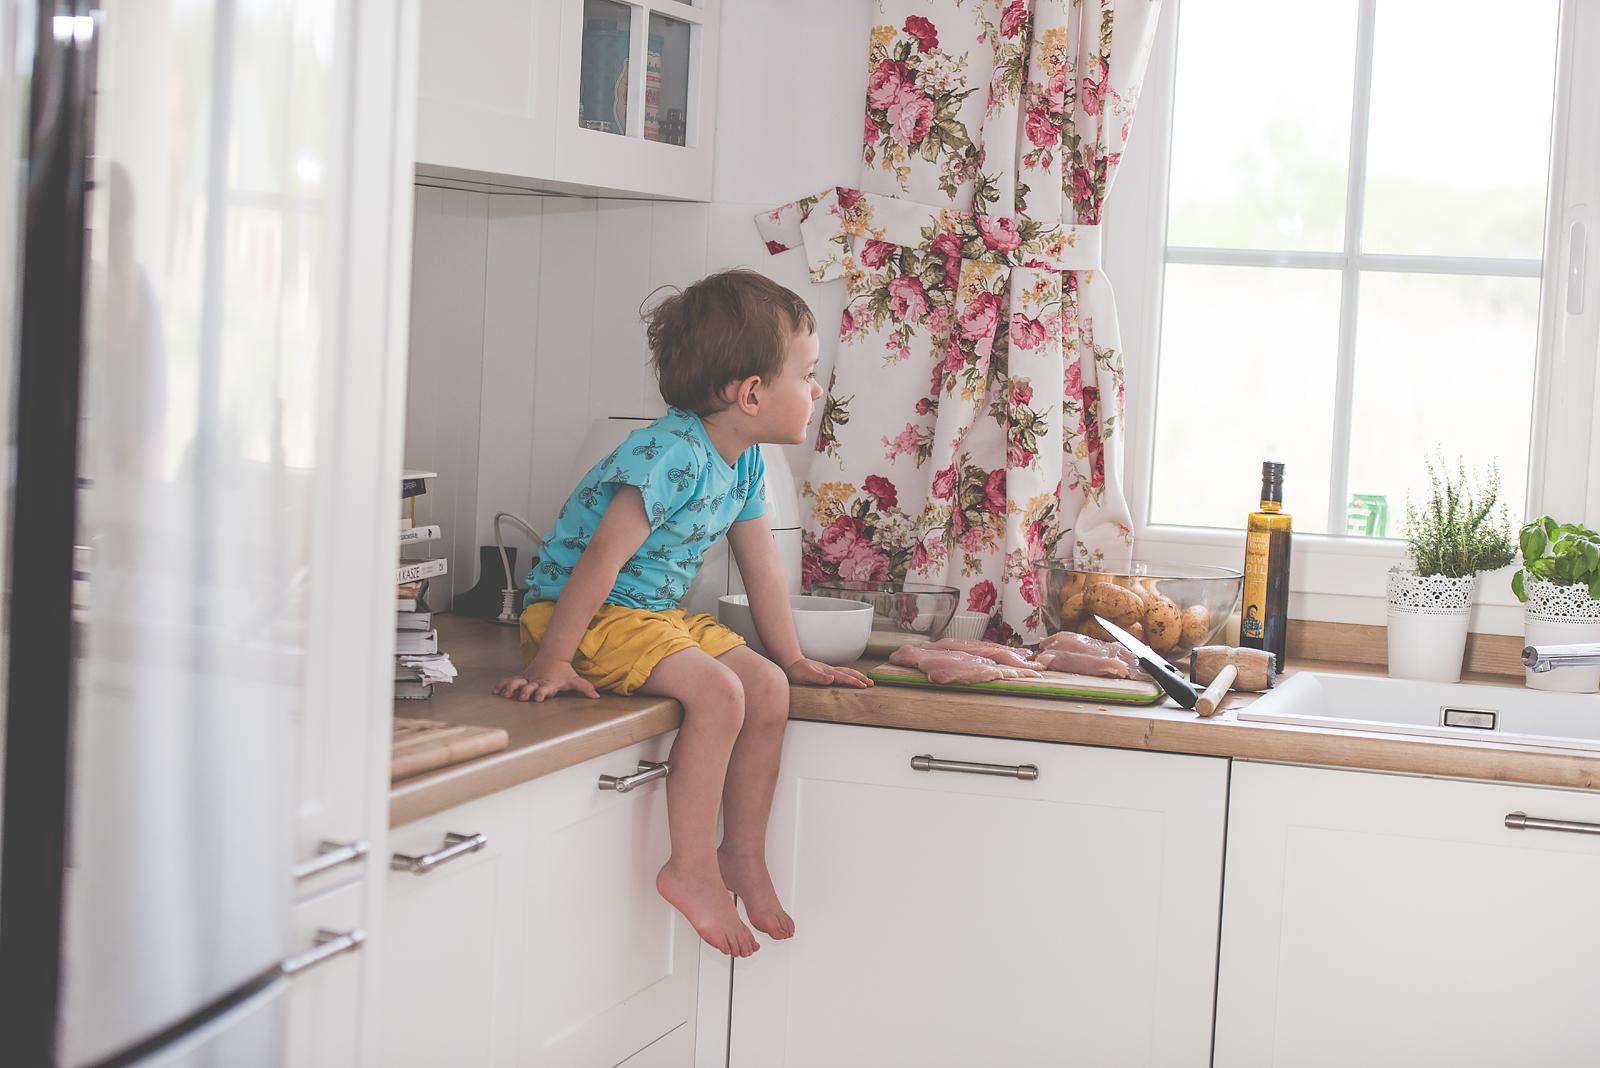 Philips Airfryer Przepisy Test Bakusiowo Domowe Frytki KFC w domu00026